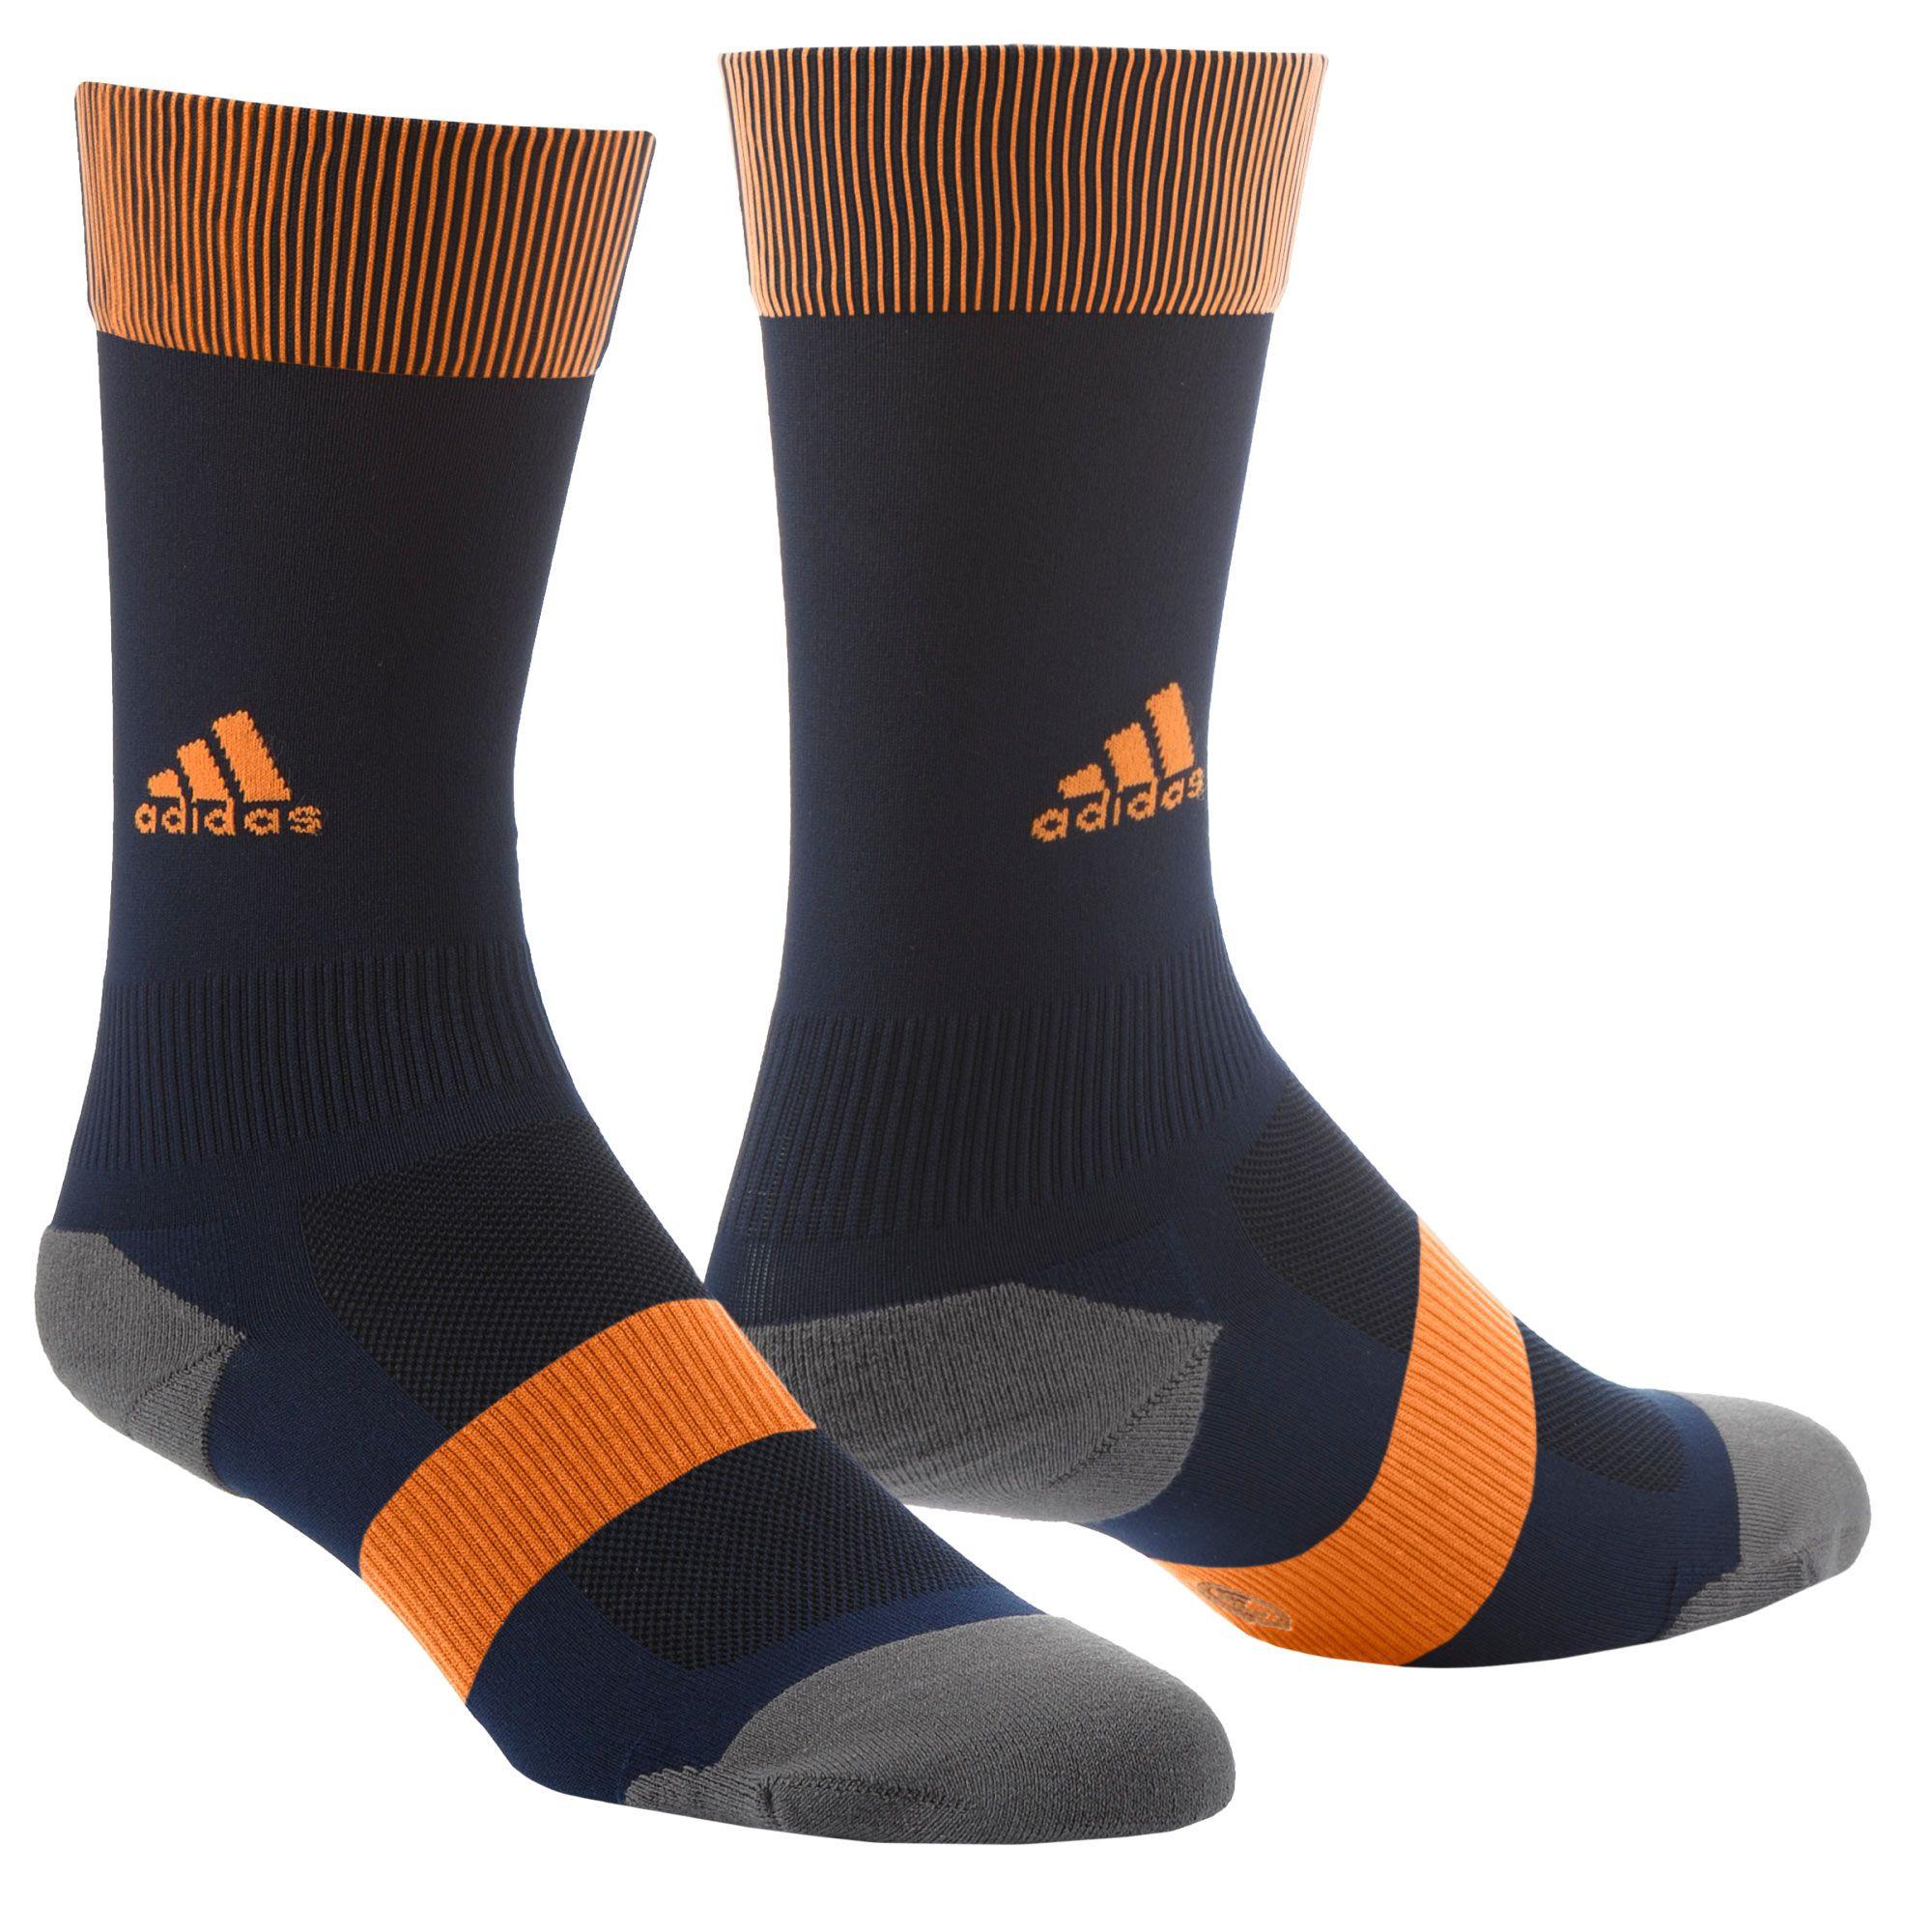 adidas 1 paar samba socks climacool fu ball running socken. Black Bedroom Furniture Sets. Home Design Ideas